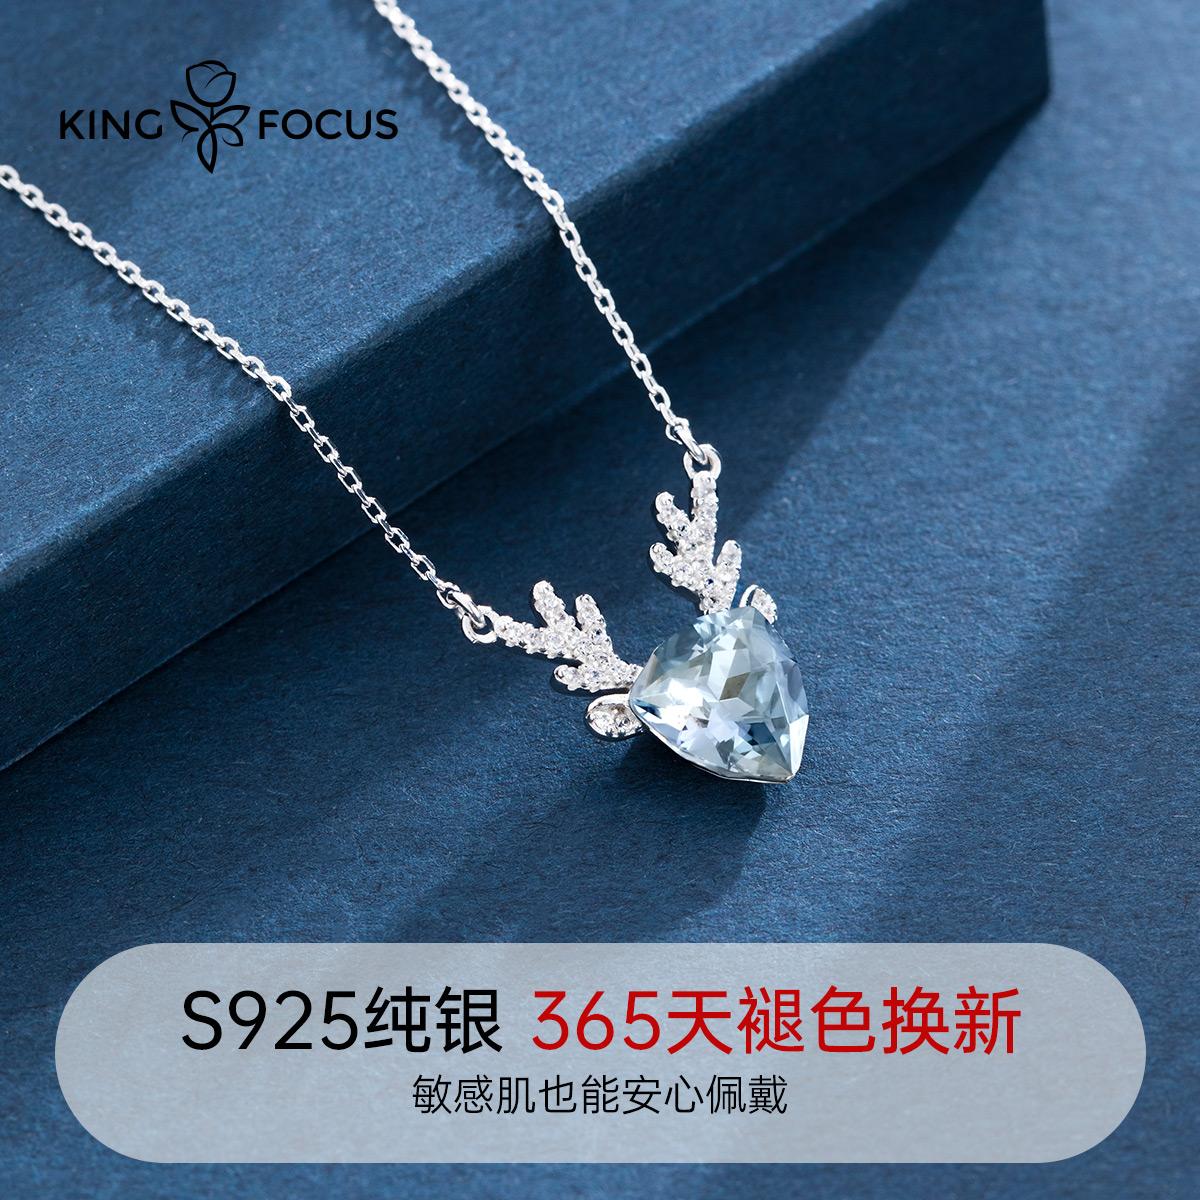 施华洛世奇一鹿路有你项链女纯银高级感 年新款圣诞麋鹿锁骨链  2020